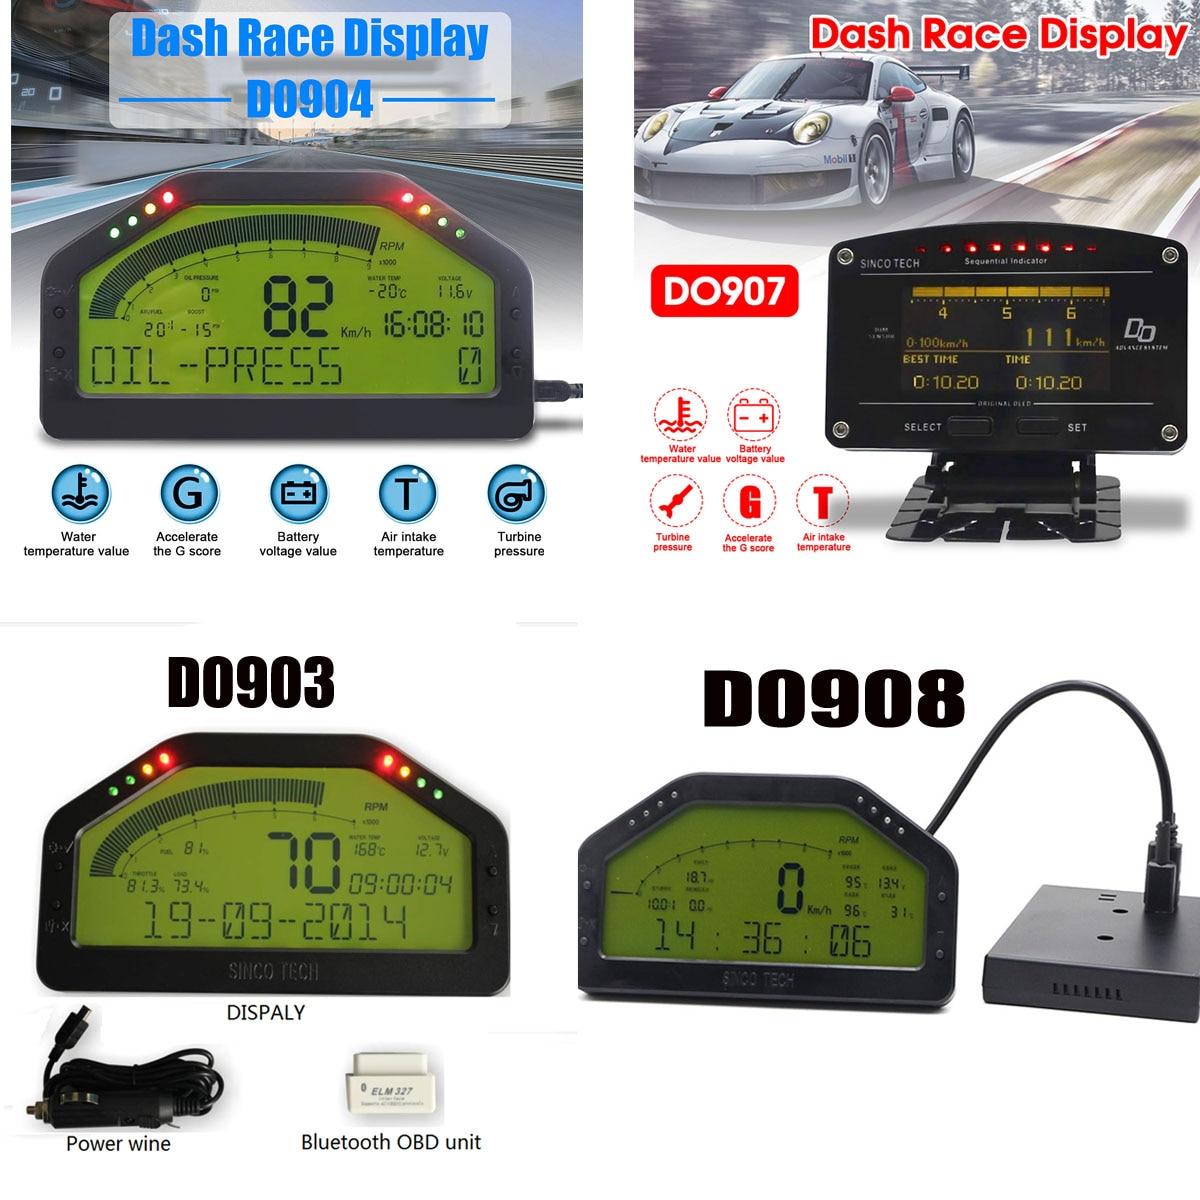 Étanche Dash Course Affichage Capteur Plein Kit LCD Écran OBD Bluetooh Connexion Universel Tableau de Bord DO903 DO904 DO907 DO908